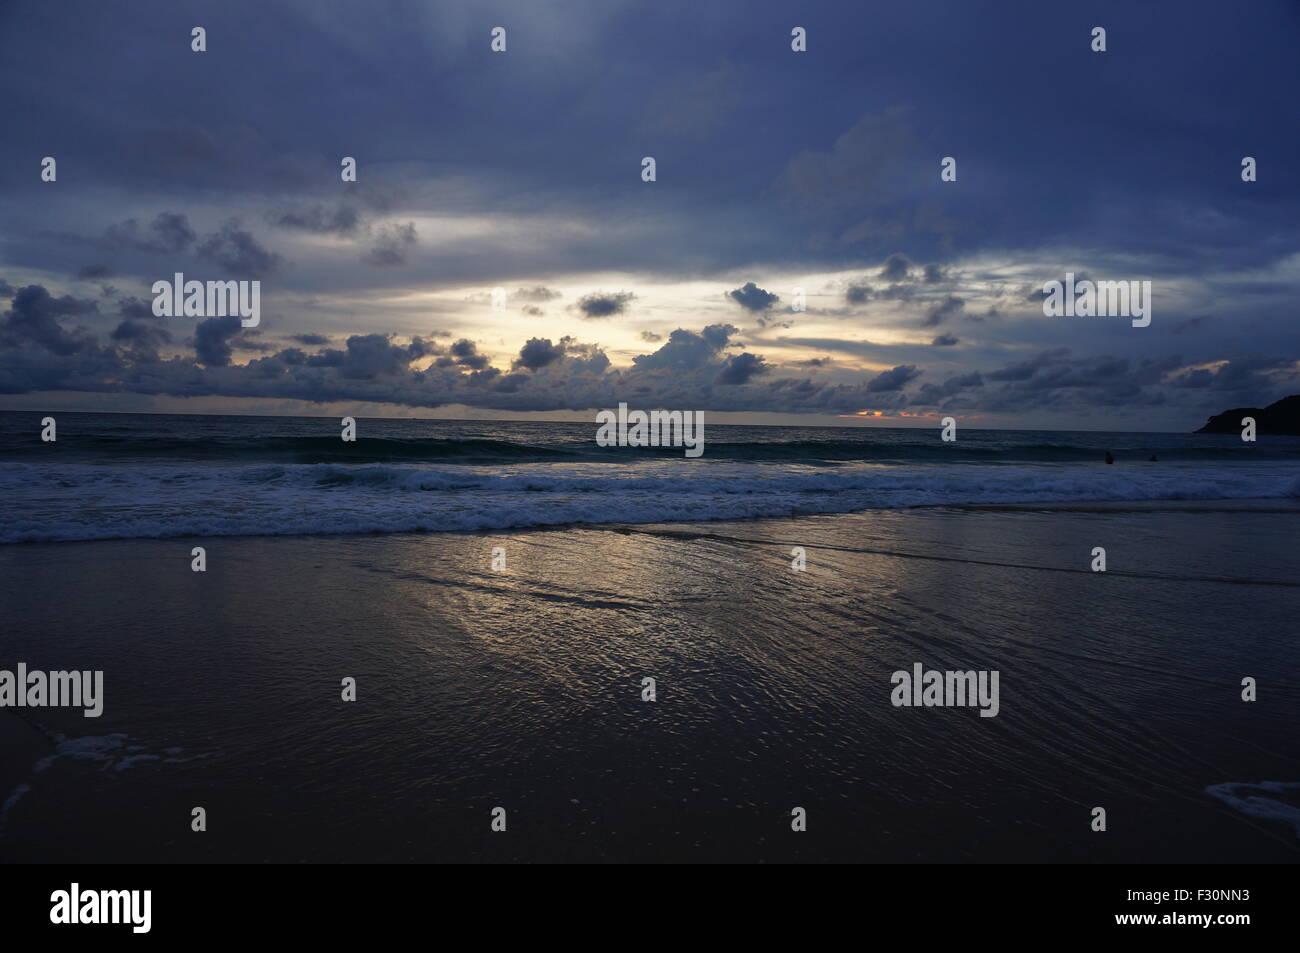 Sunset in Karon beach - Stock Image